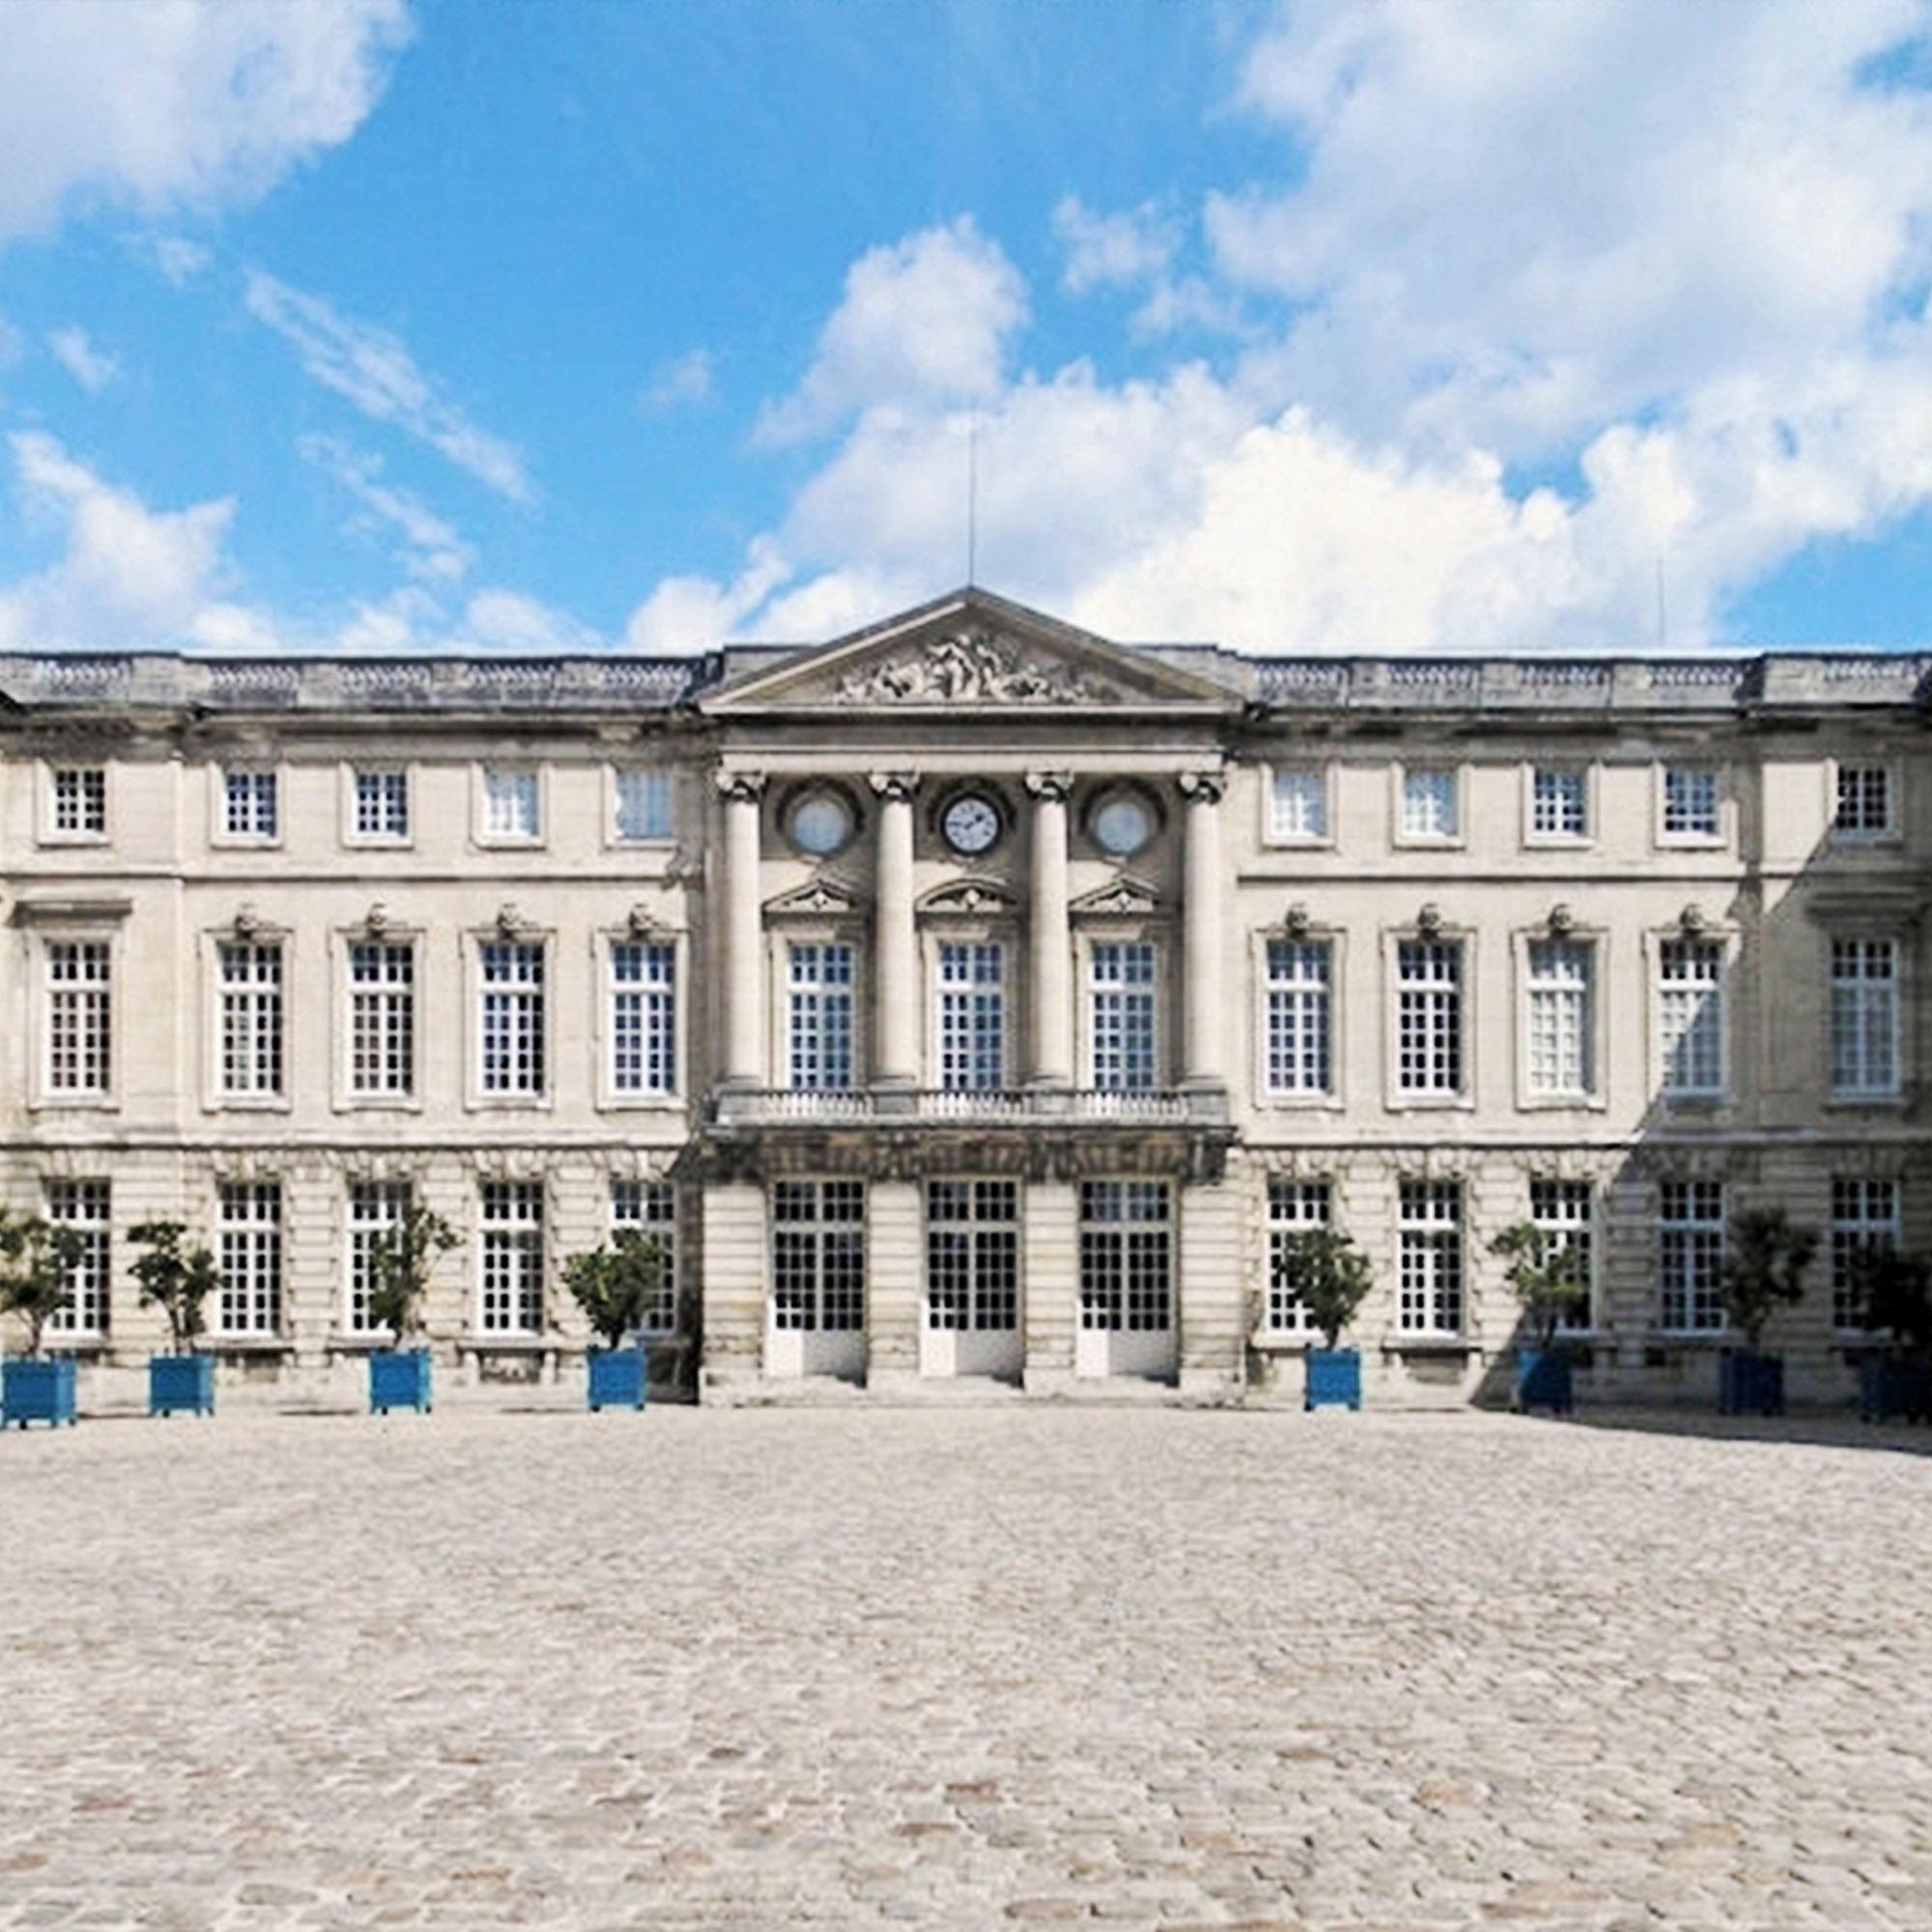 Château_Palais_Impérial_Compiègne_gîte_saint_germain_oise_versigny